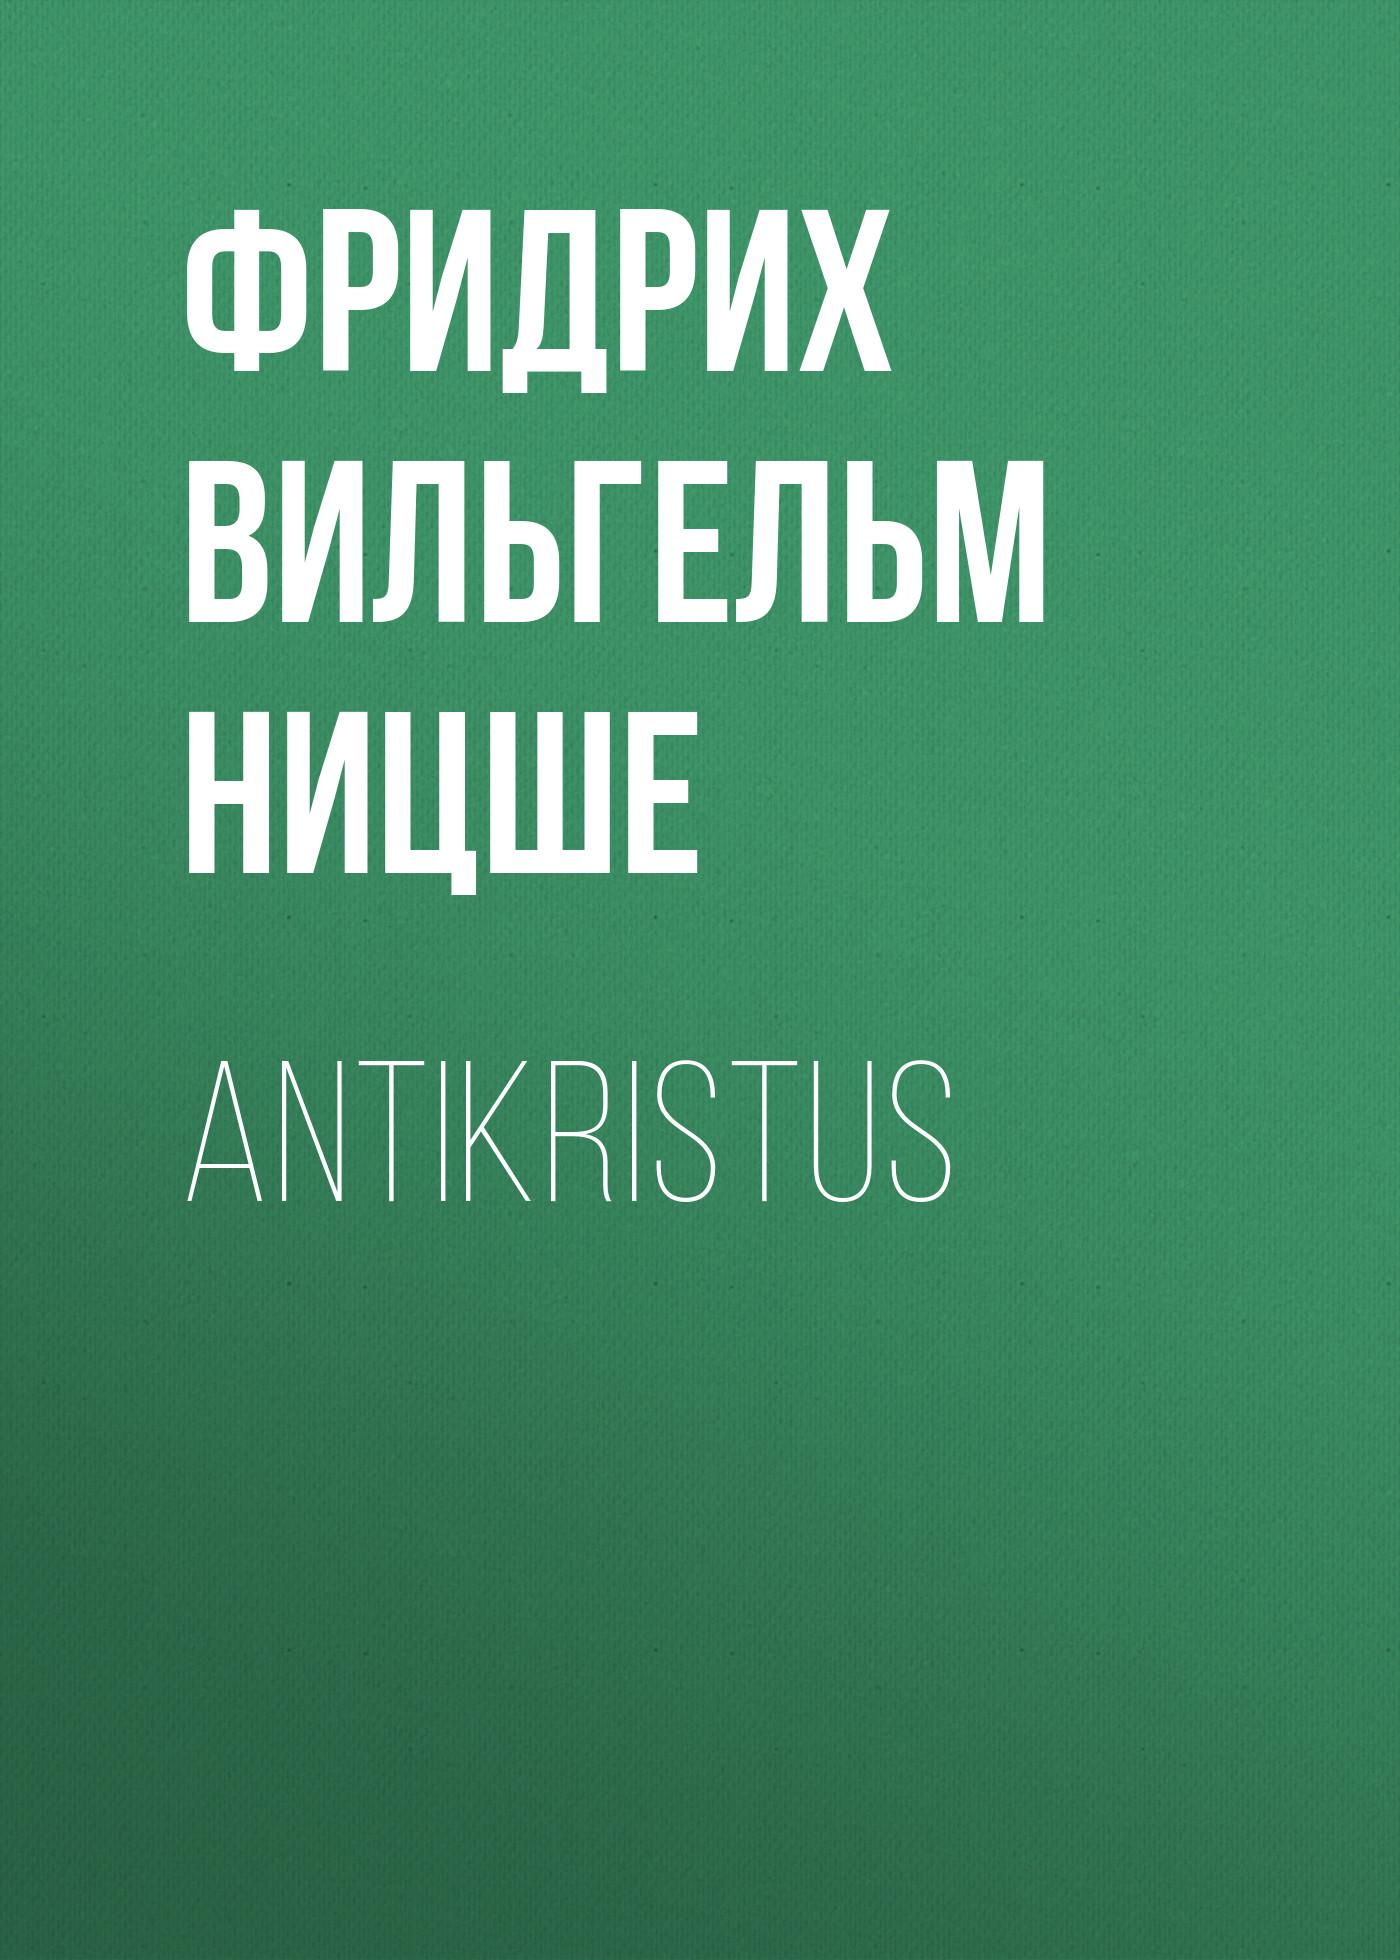 Фридрих Вильгельм Ницше Antikristus фридрих вильгельм ницше человеческое слишком человеческое книга для свободных умов